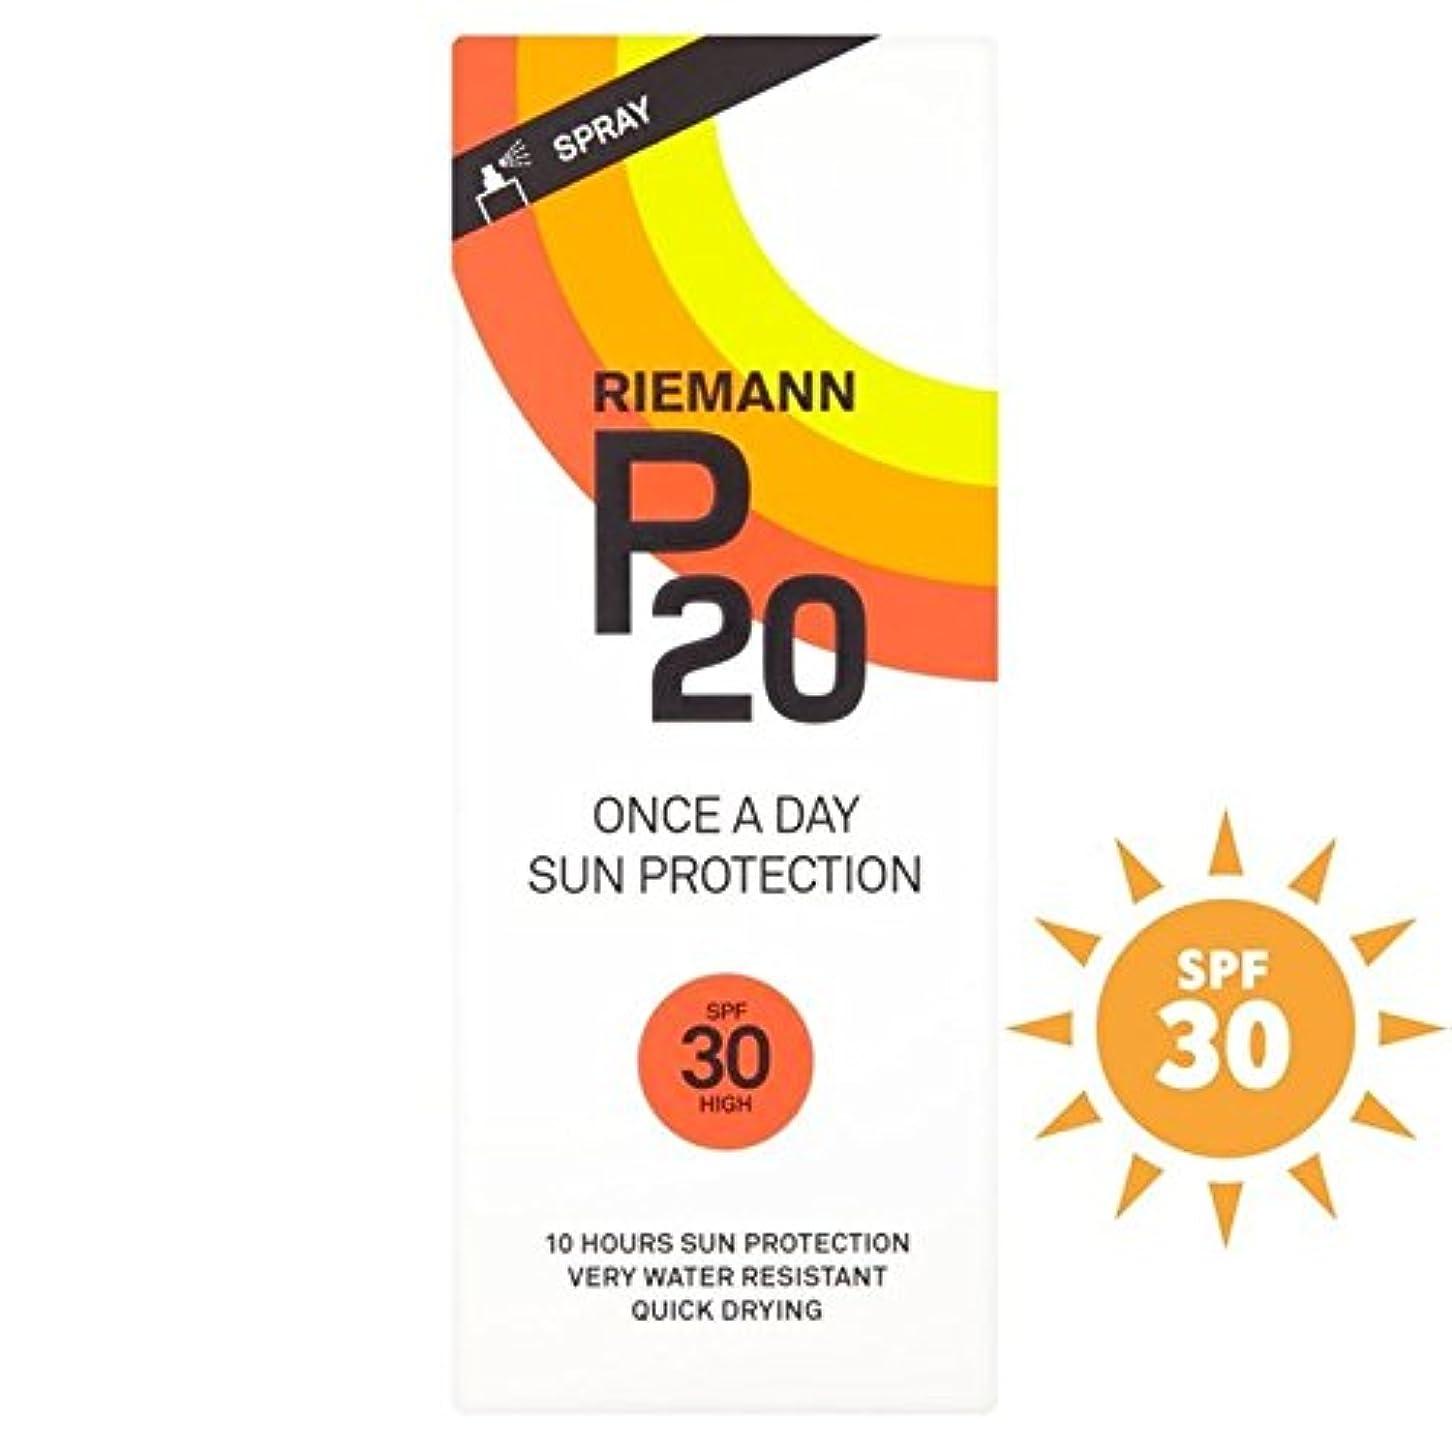 師匠コイルパスタリーマン20 30 1日/ 10時間の保護200ミリリットル x4 - Riemann P20 SPF30 1 Day/10 Hour Protection 200ml (Pack of 4) [並行輸入品]